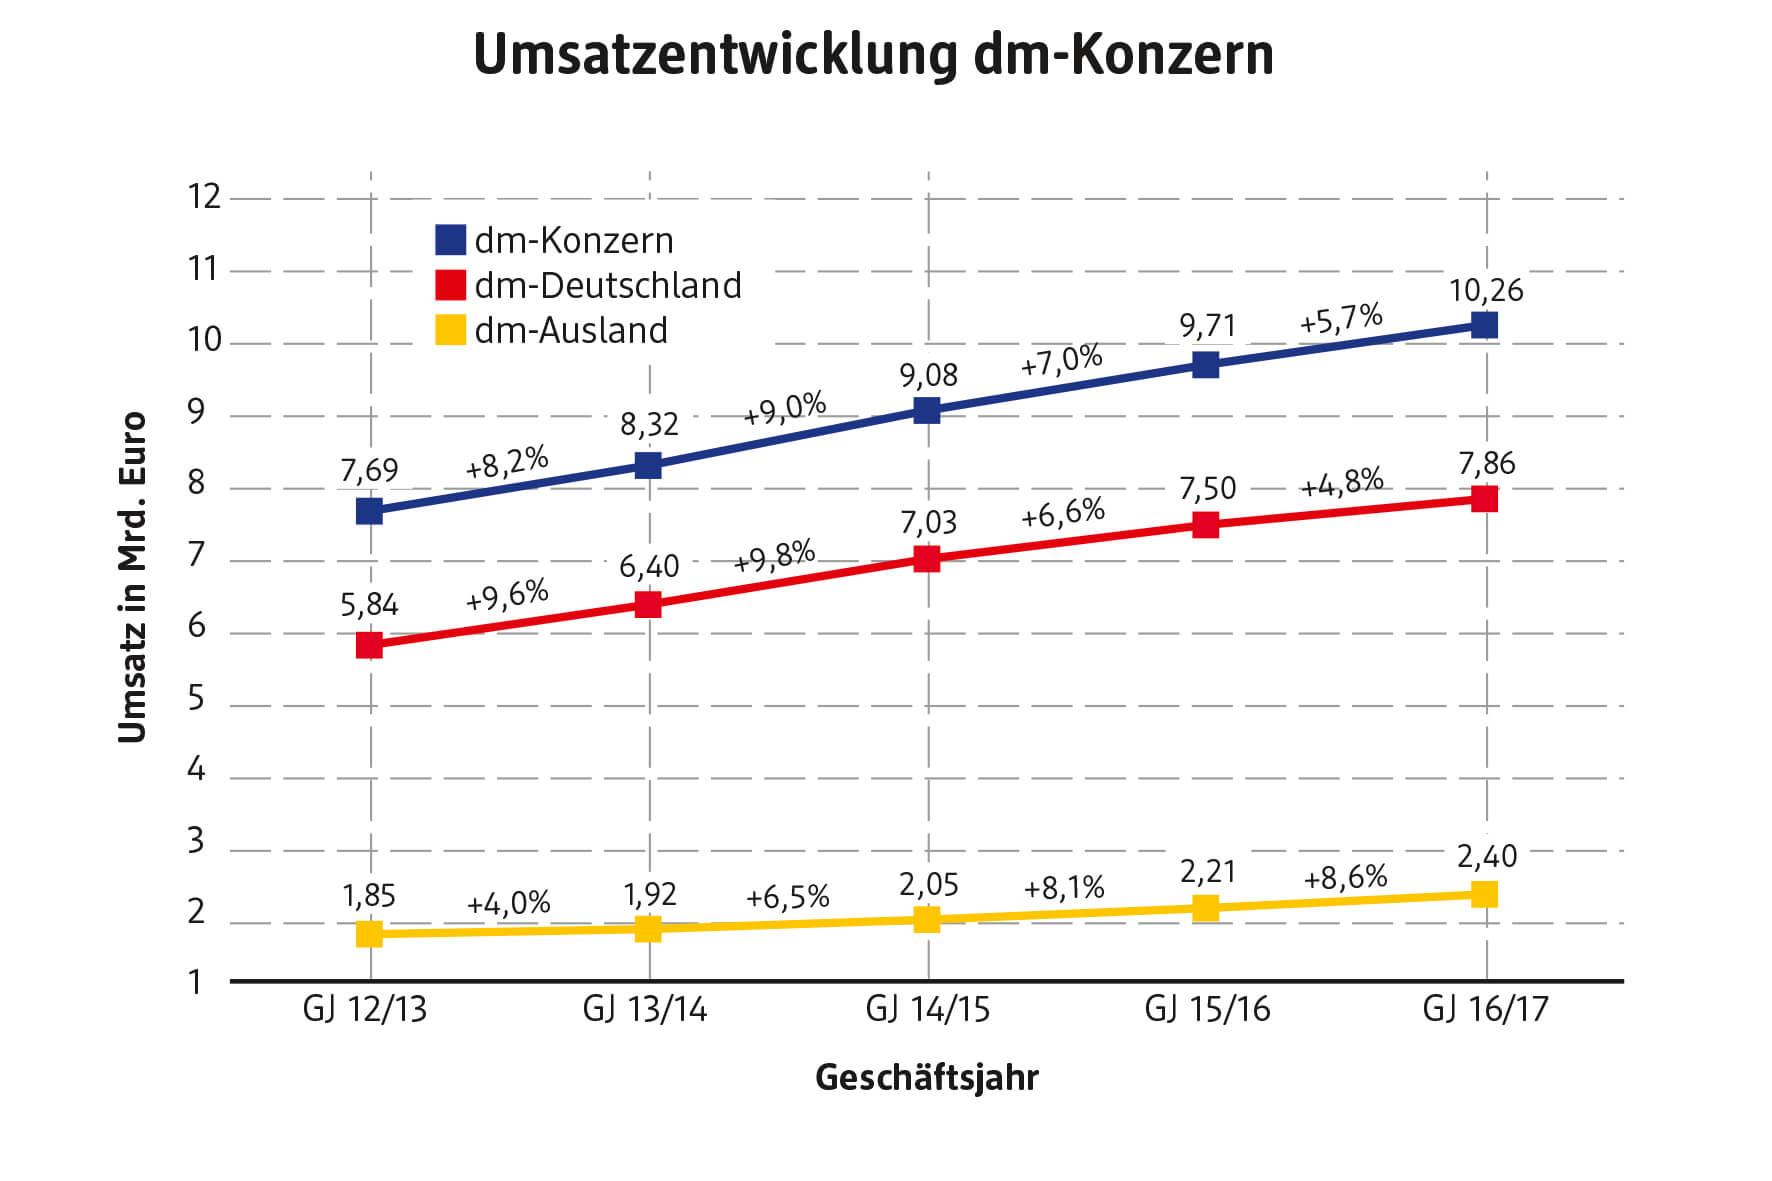 dm-geschäftsjahr 2016/2017